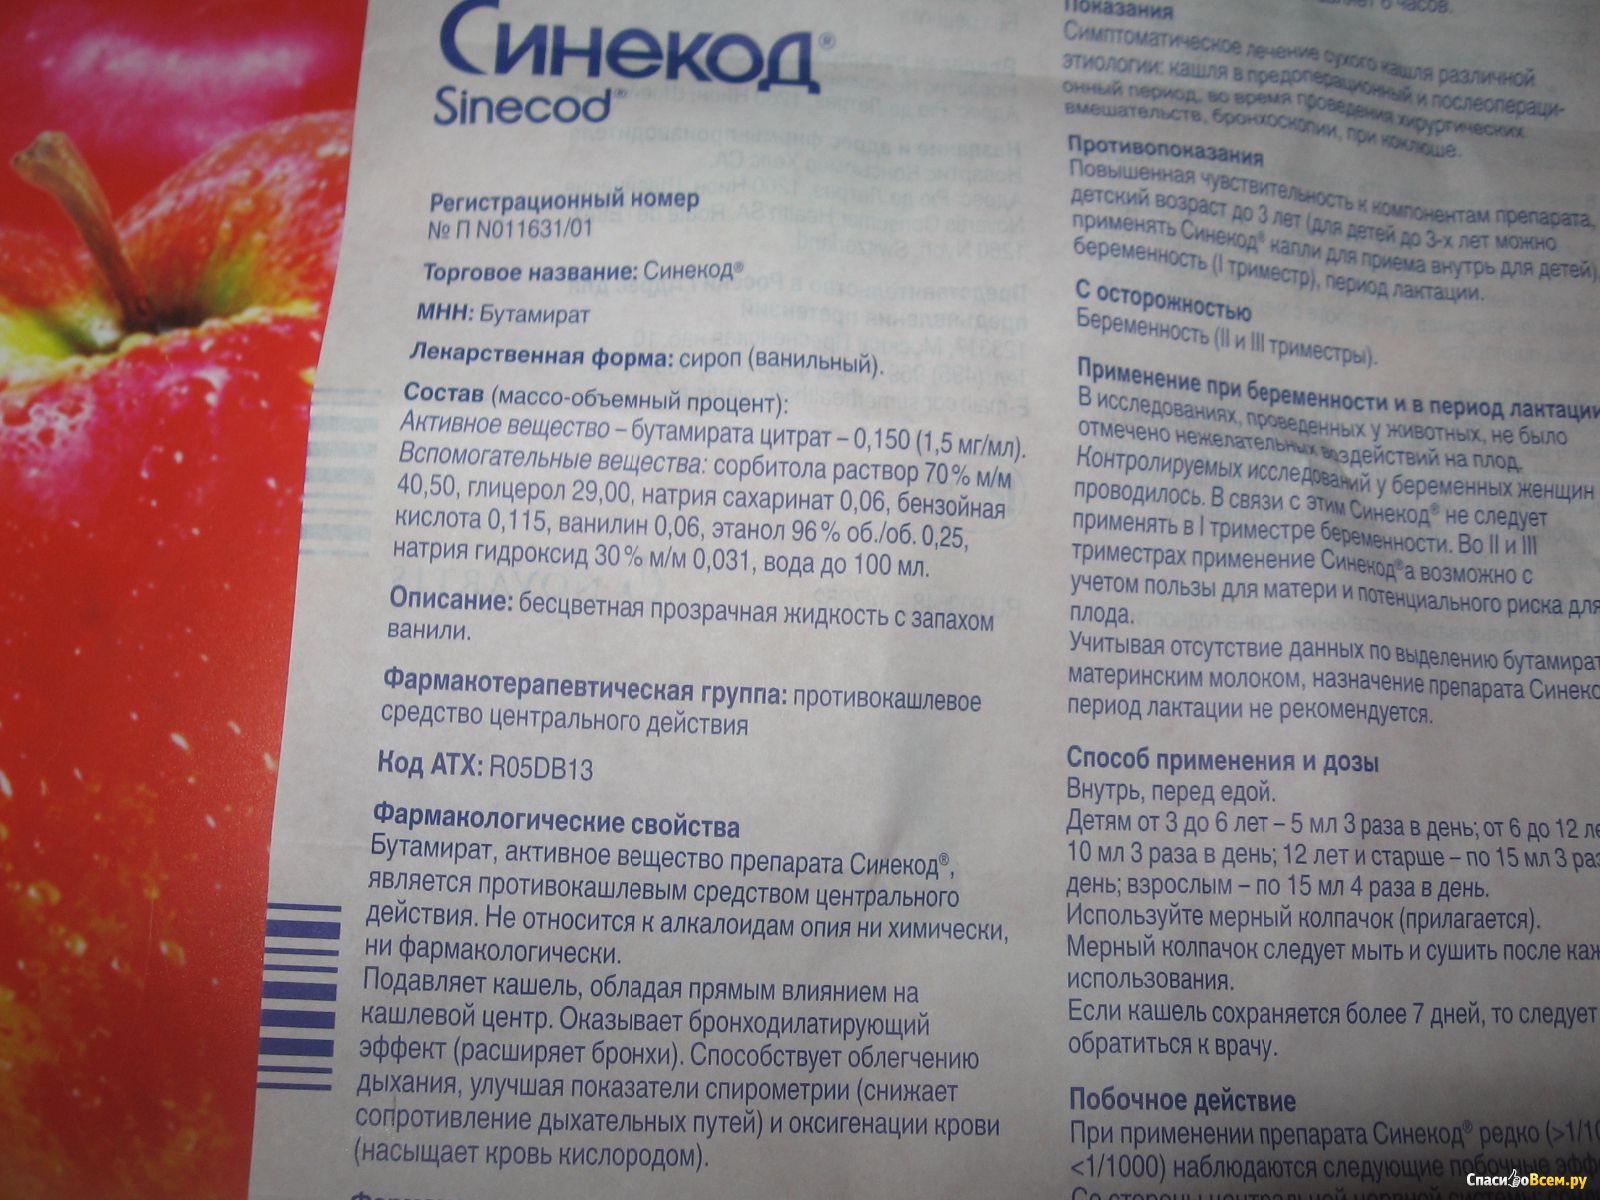 Синекод сироп для детей фото